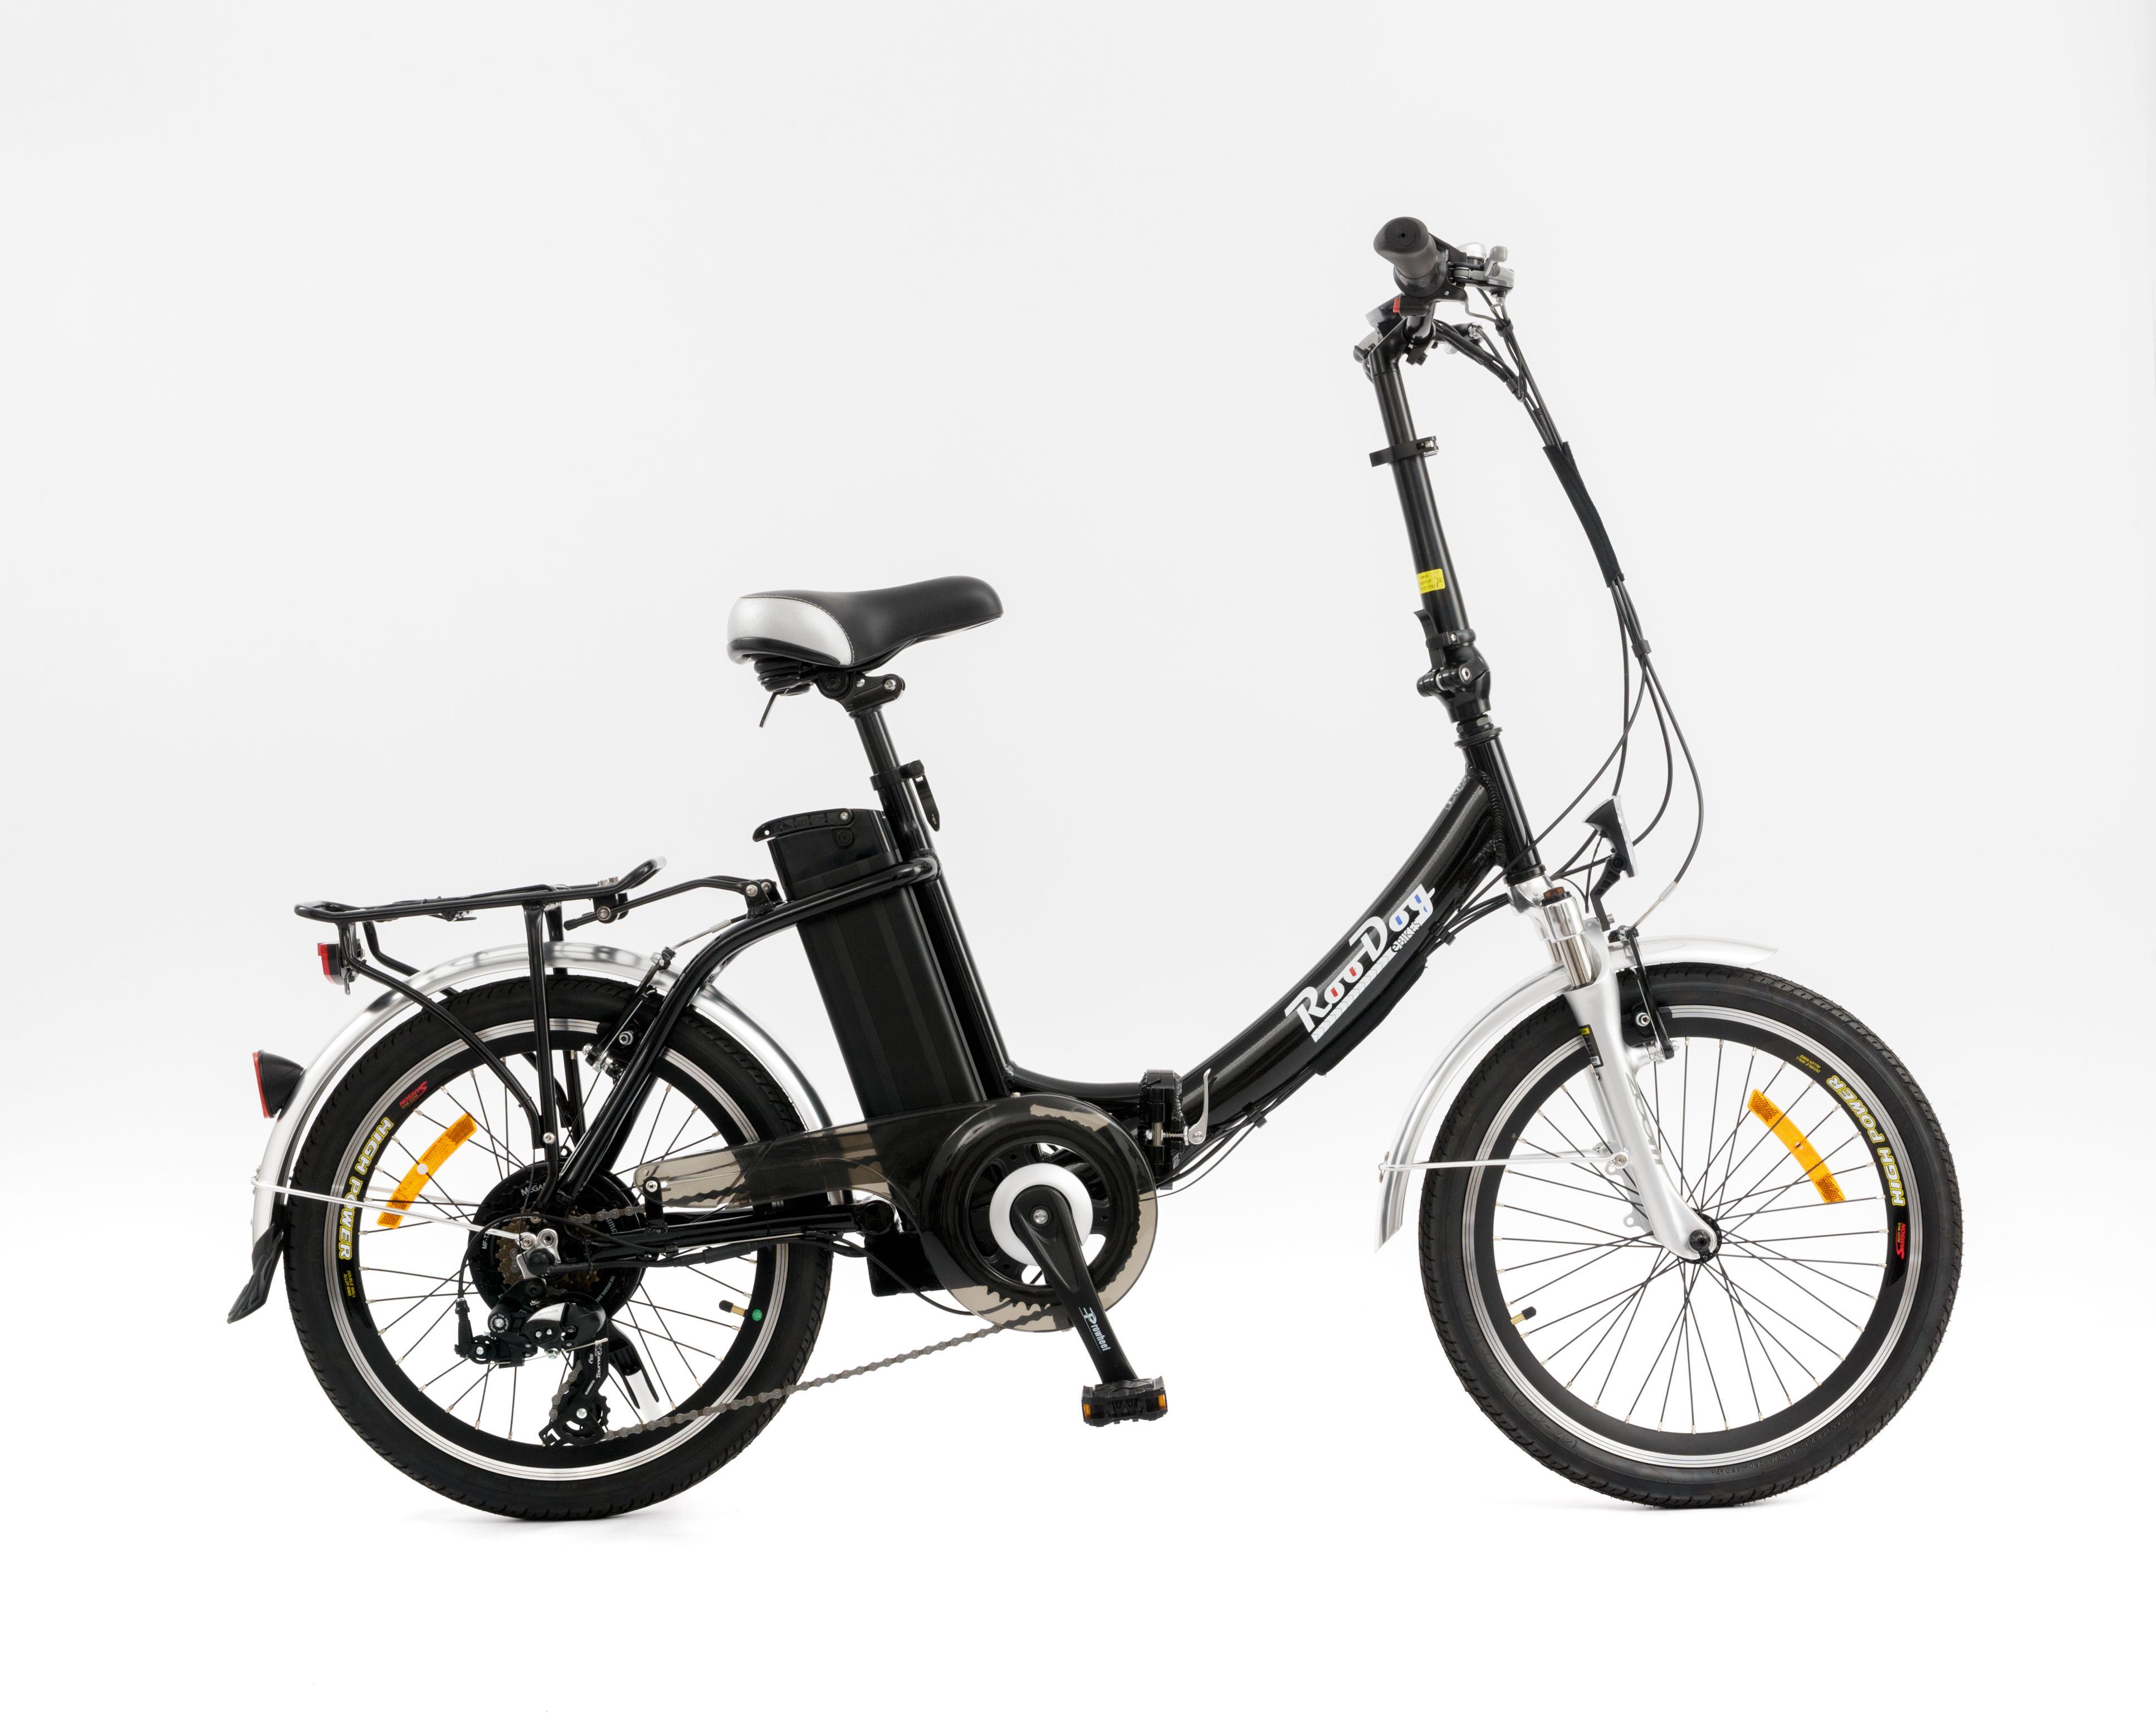 Roodog Avatar Electric Bike Crossbar Emtb Bike Electric Bike